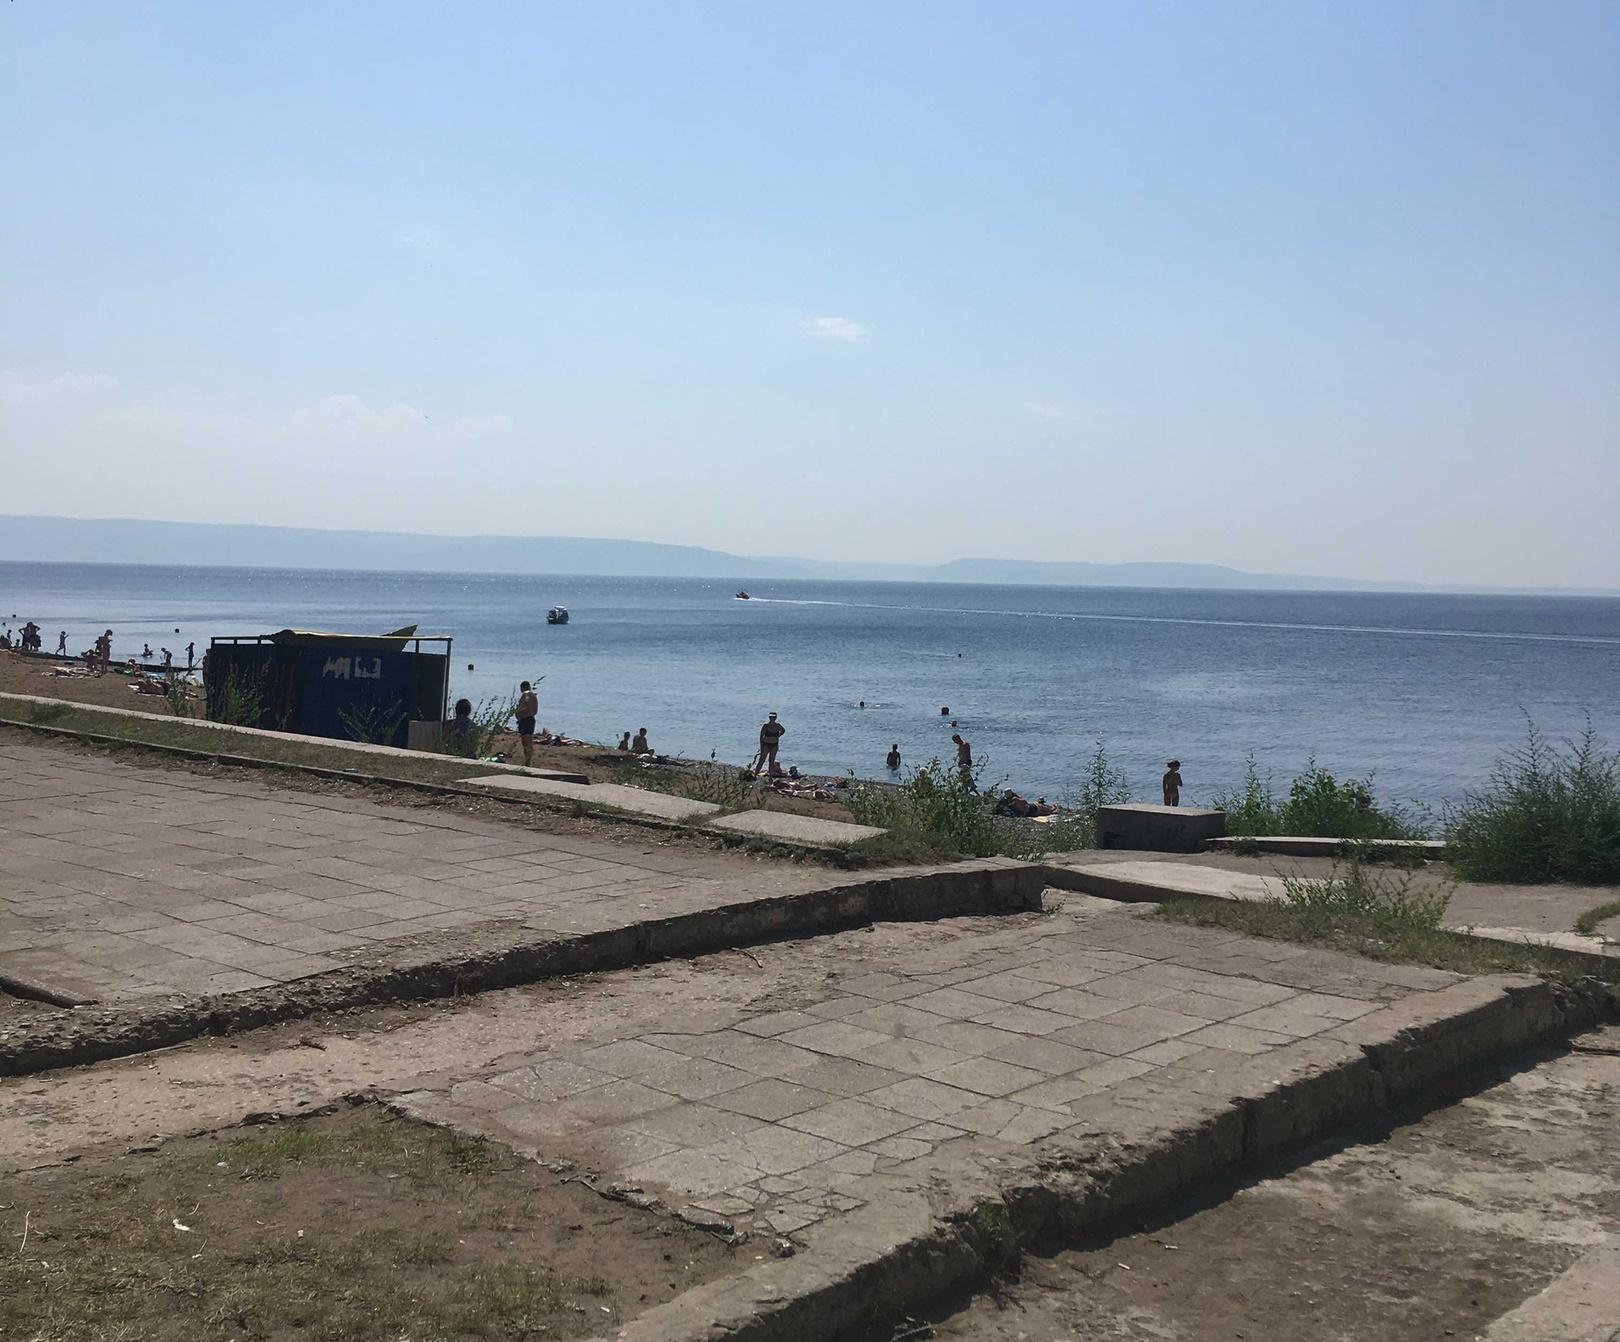 Администрации Тольятти отказано в выдаче разрешения на строительство набережной в Автозаводском районе